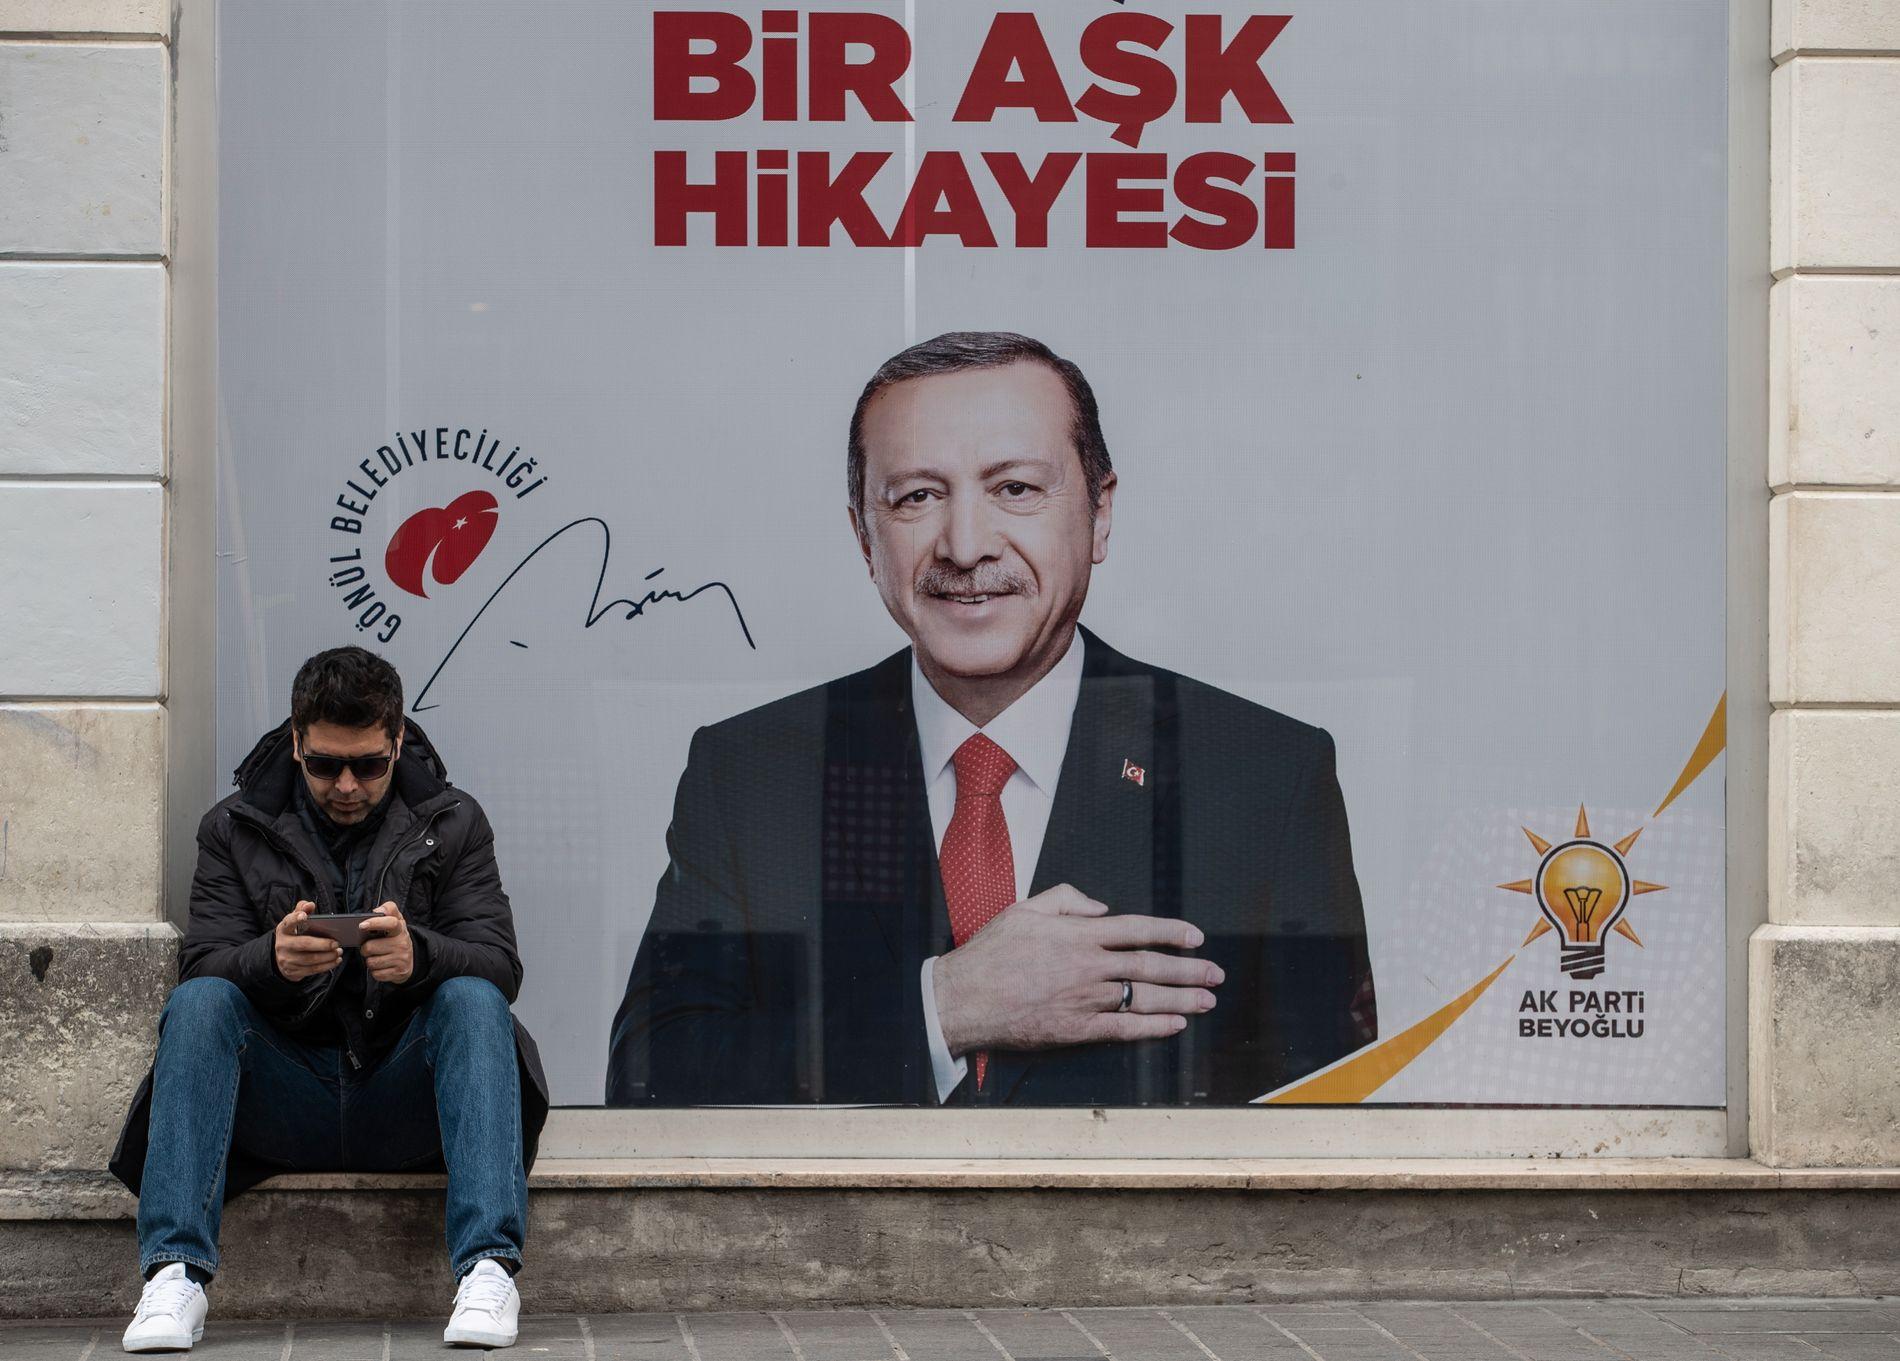 TAPTE: President Recep Tayyip Erdogan avbildet på en plakat i Istanbul, Tyrkias største by. Det var her Erdogan startet sin politiske karriere.